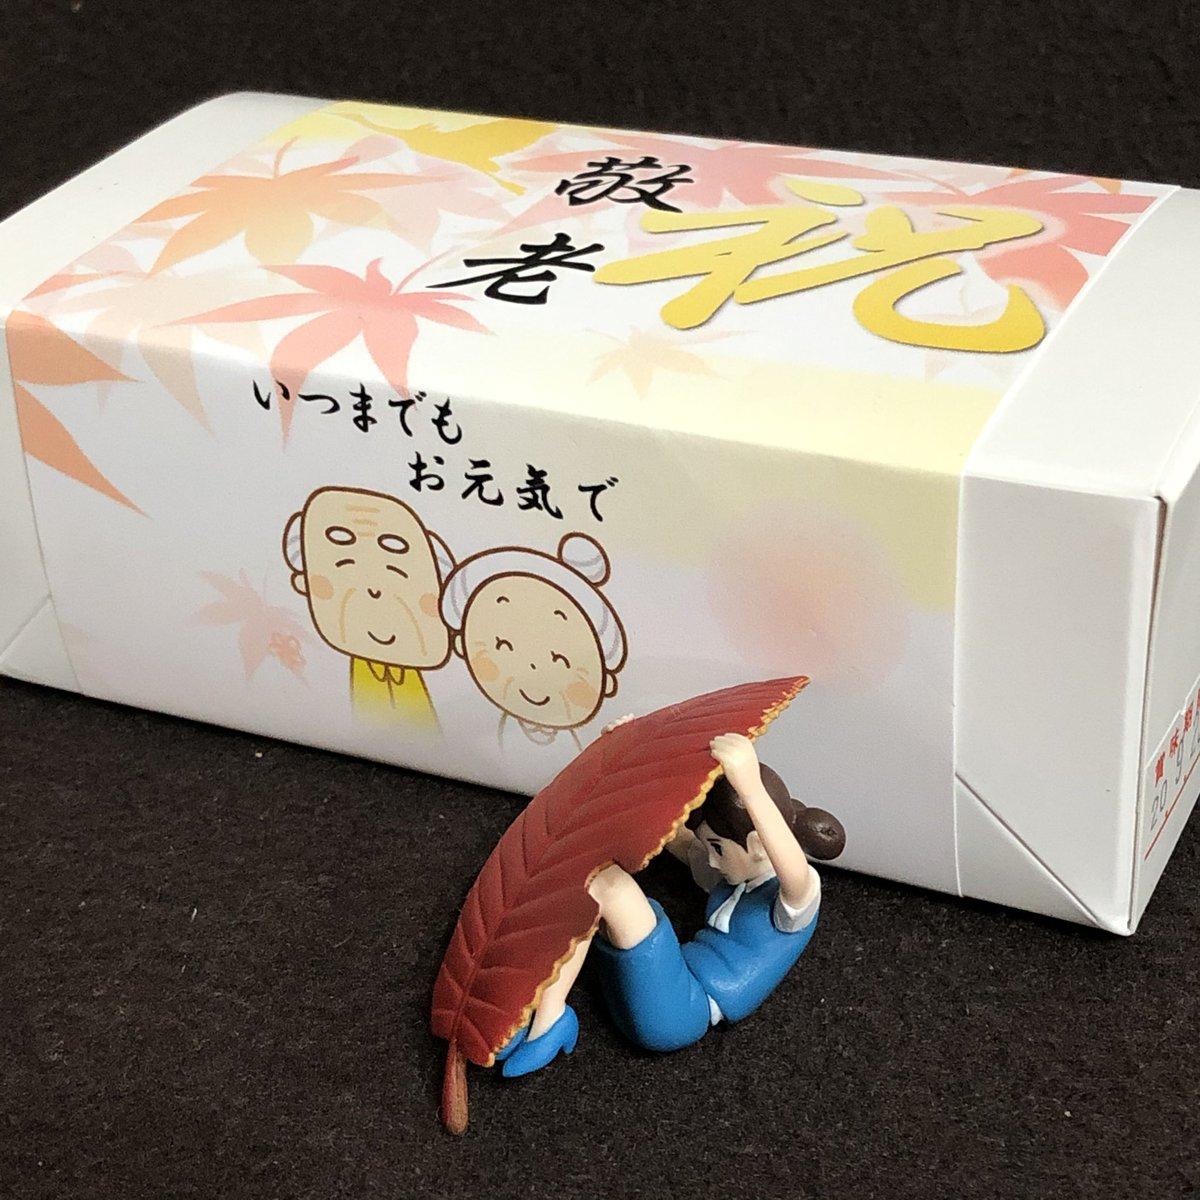 敬老の日のお祝いに紅白饅頭 #敬老の日 #フチ子 #fuchiko https://t.co/taDvgDbauJ